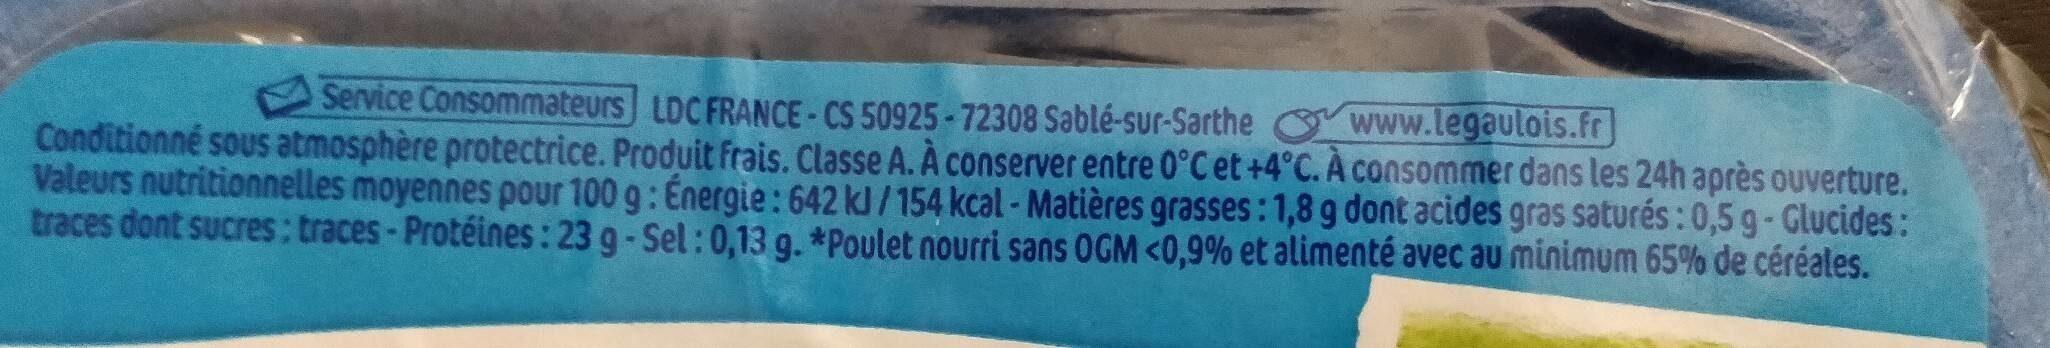 Aiguillettes de poulet - Ingredienti - fr